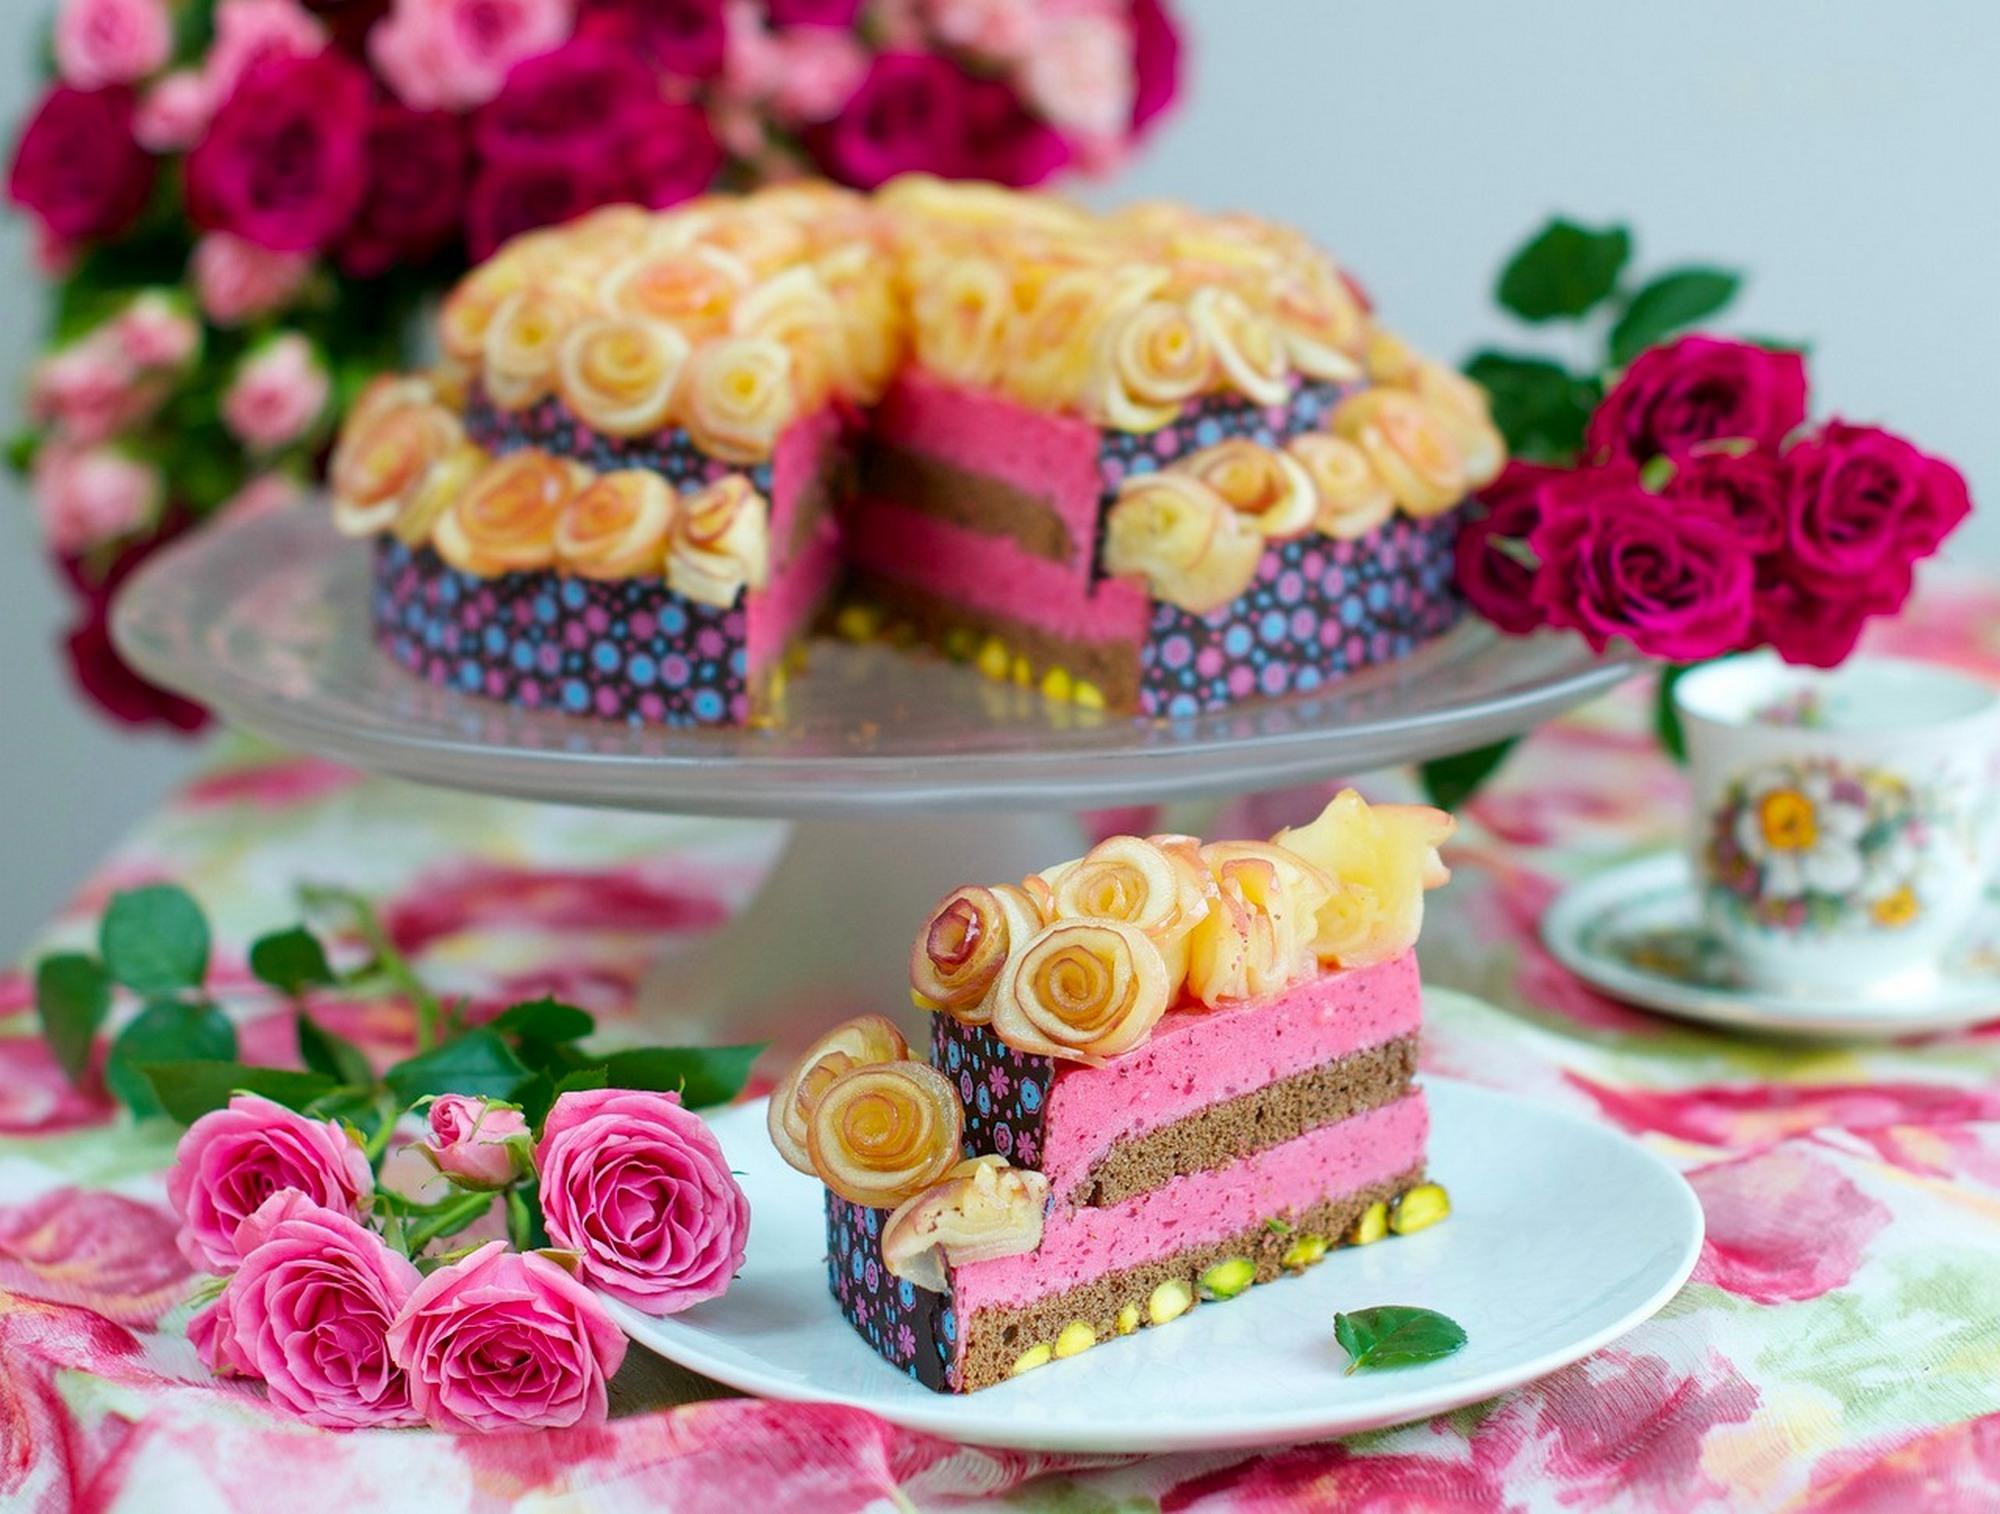 Февраля, открытки с розами и тортом